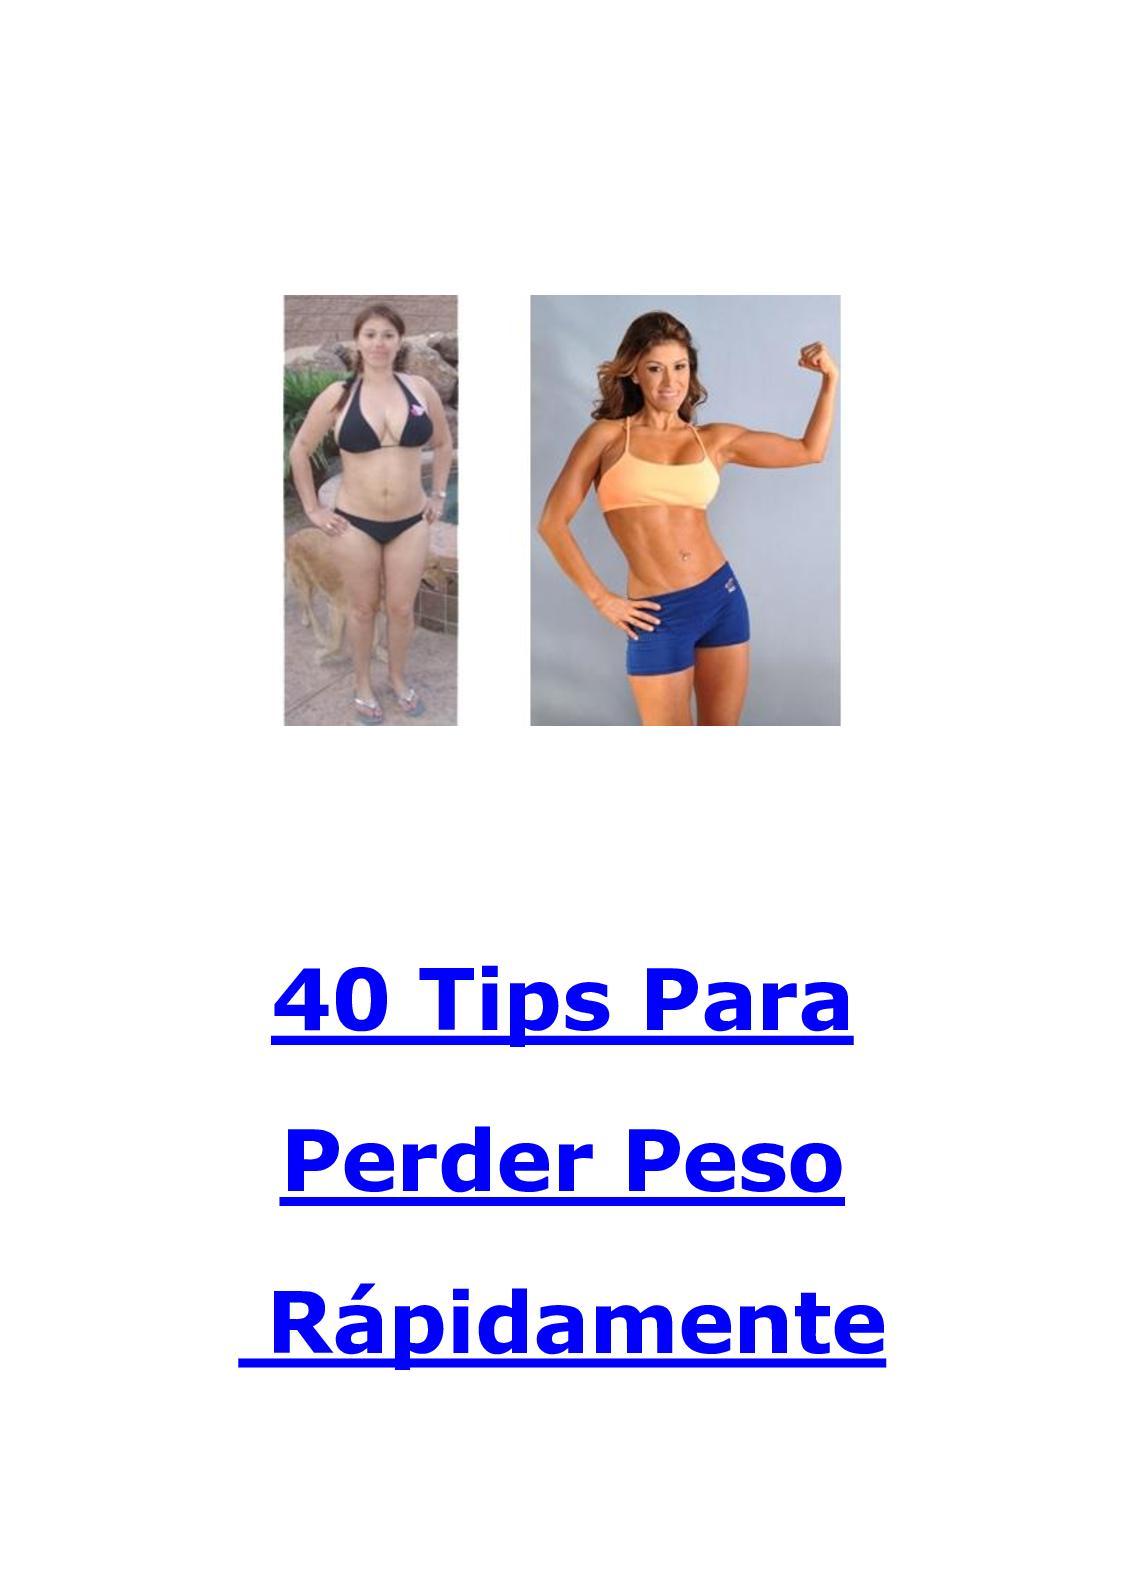 Como bajar de peso rapidamente tips